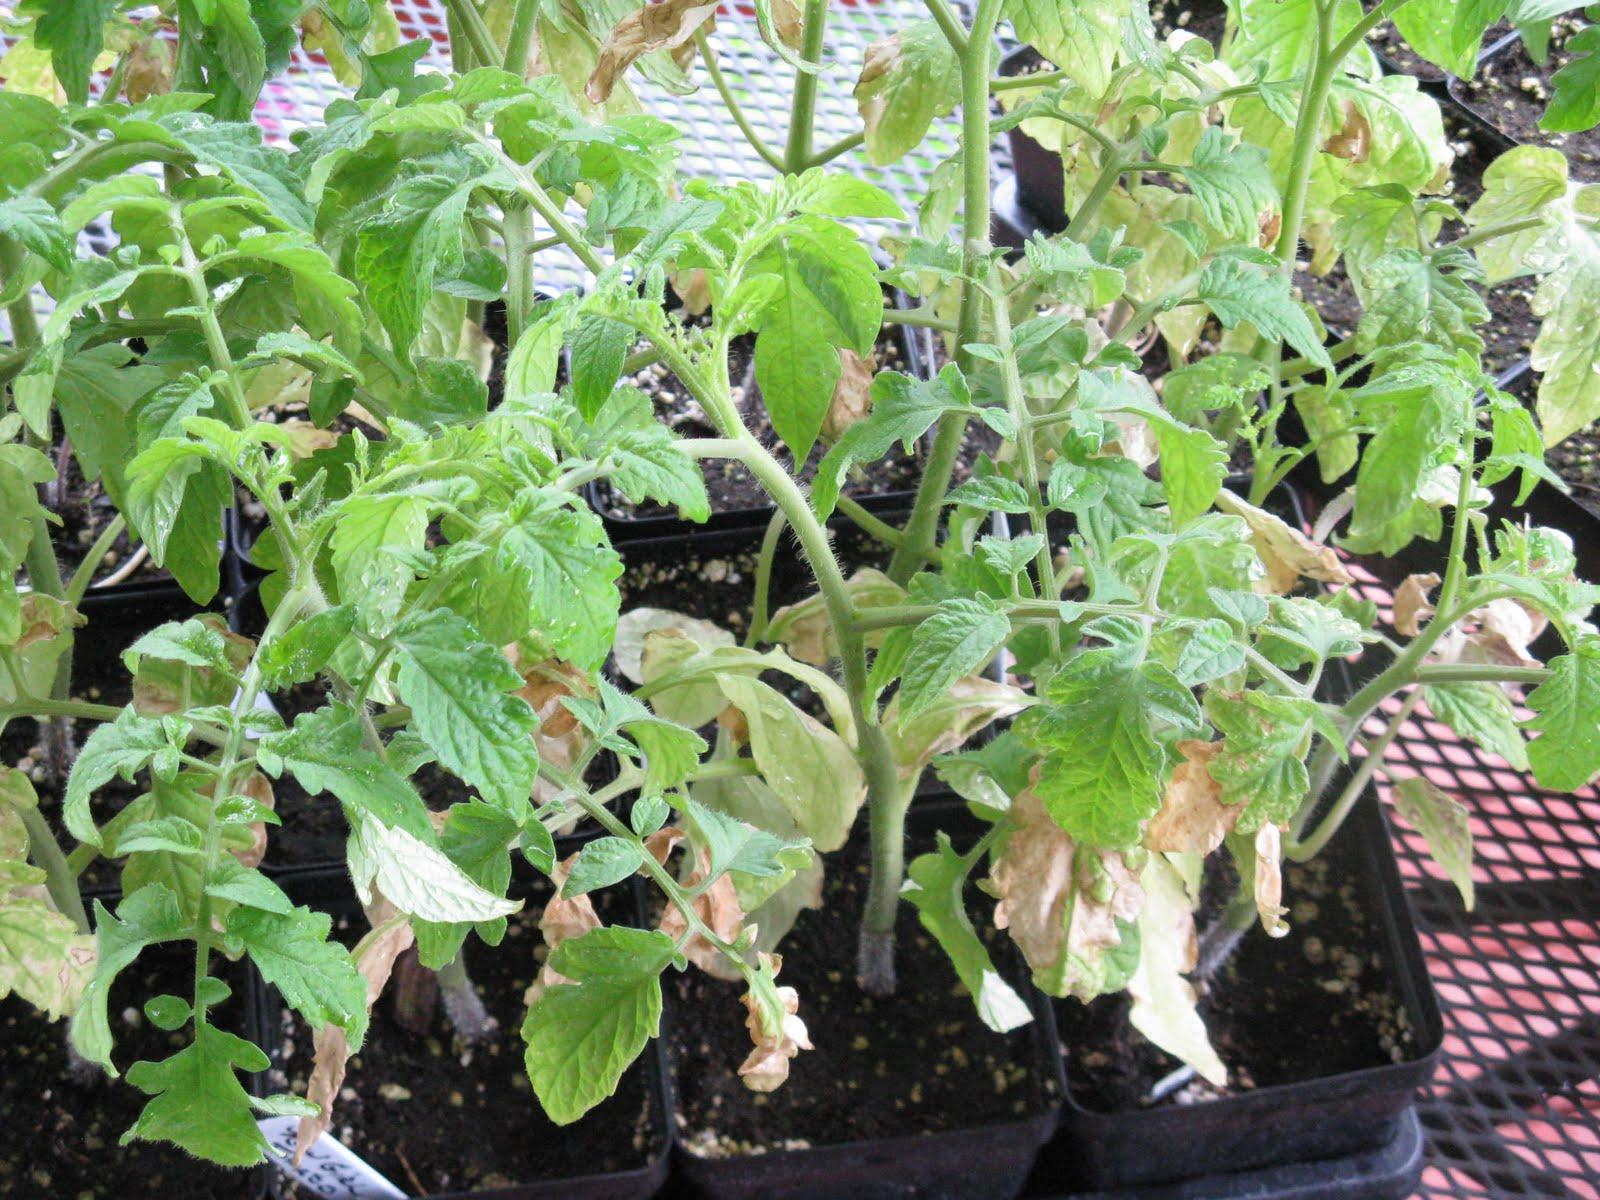 Почему сохнут листья у рассады помидор: проблемы выращивания 52